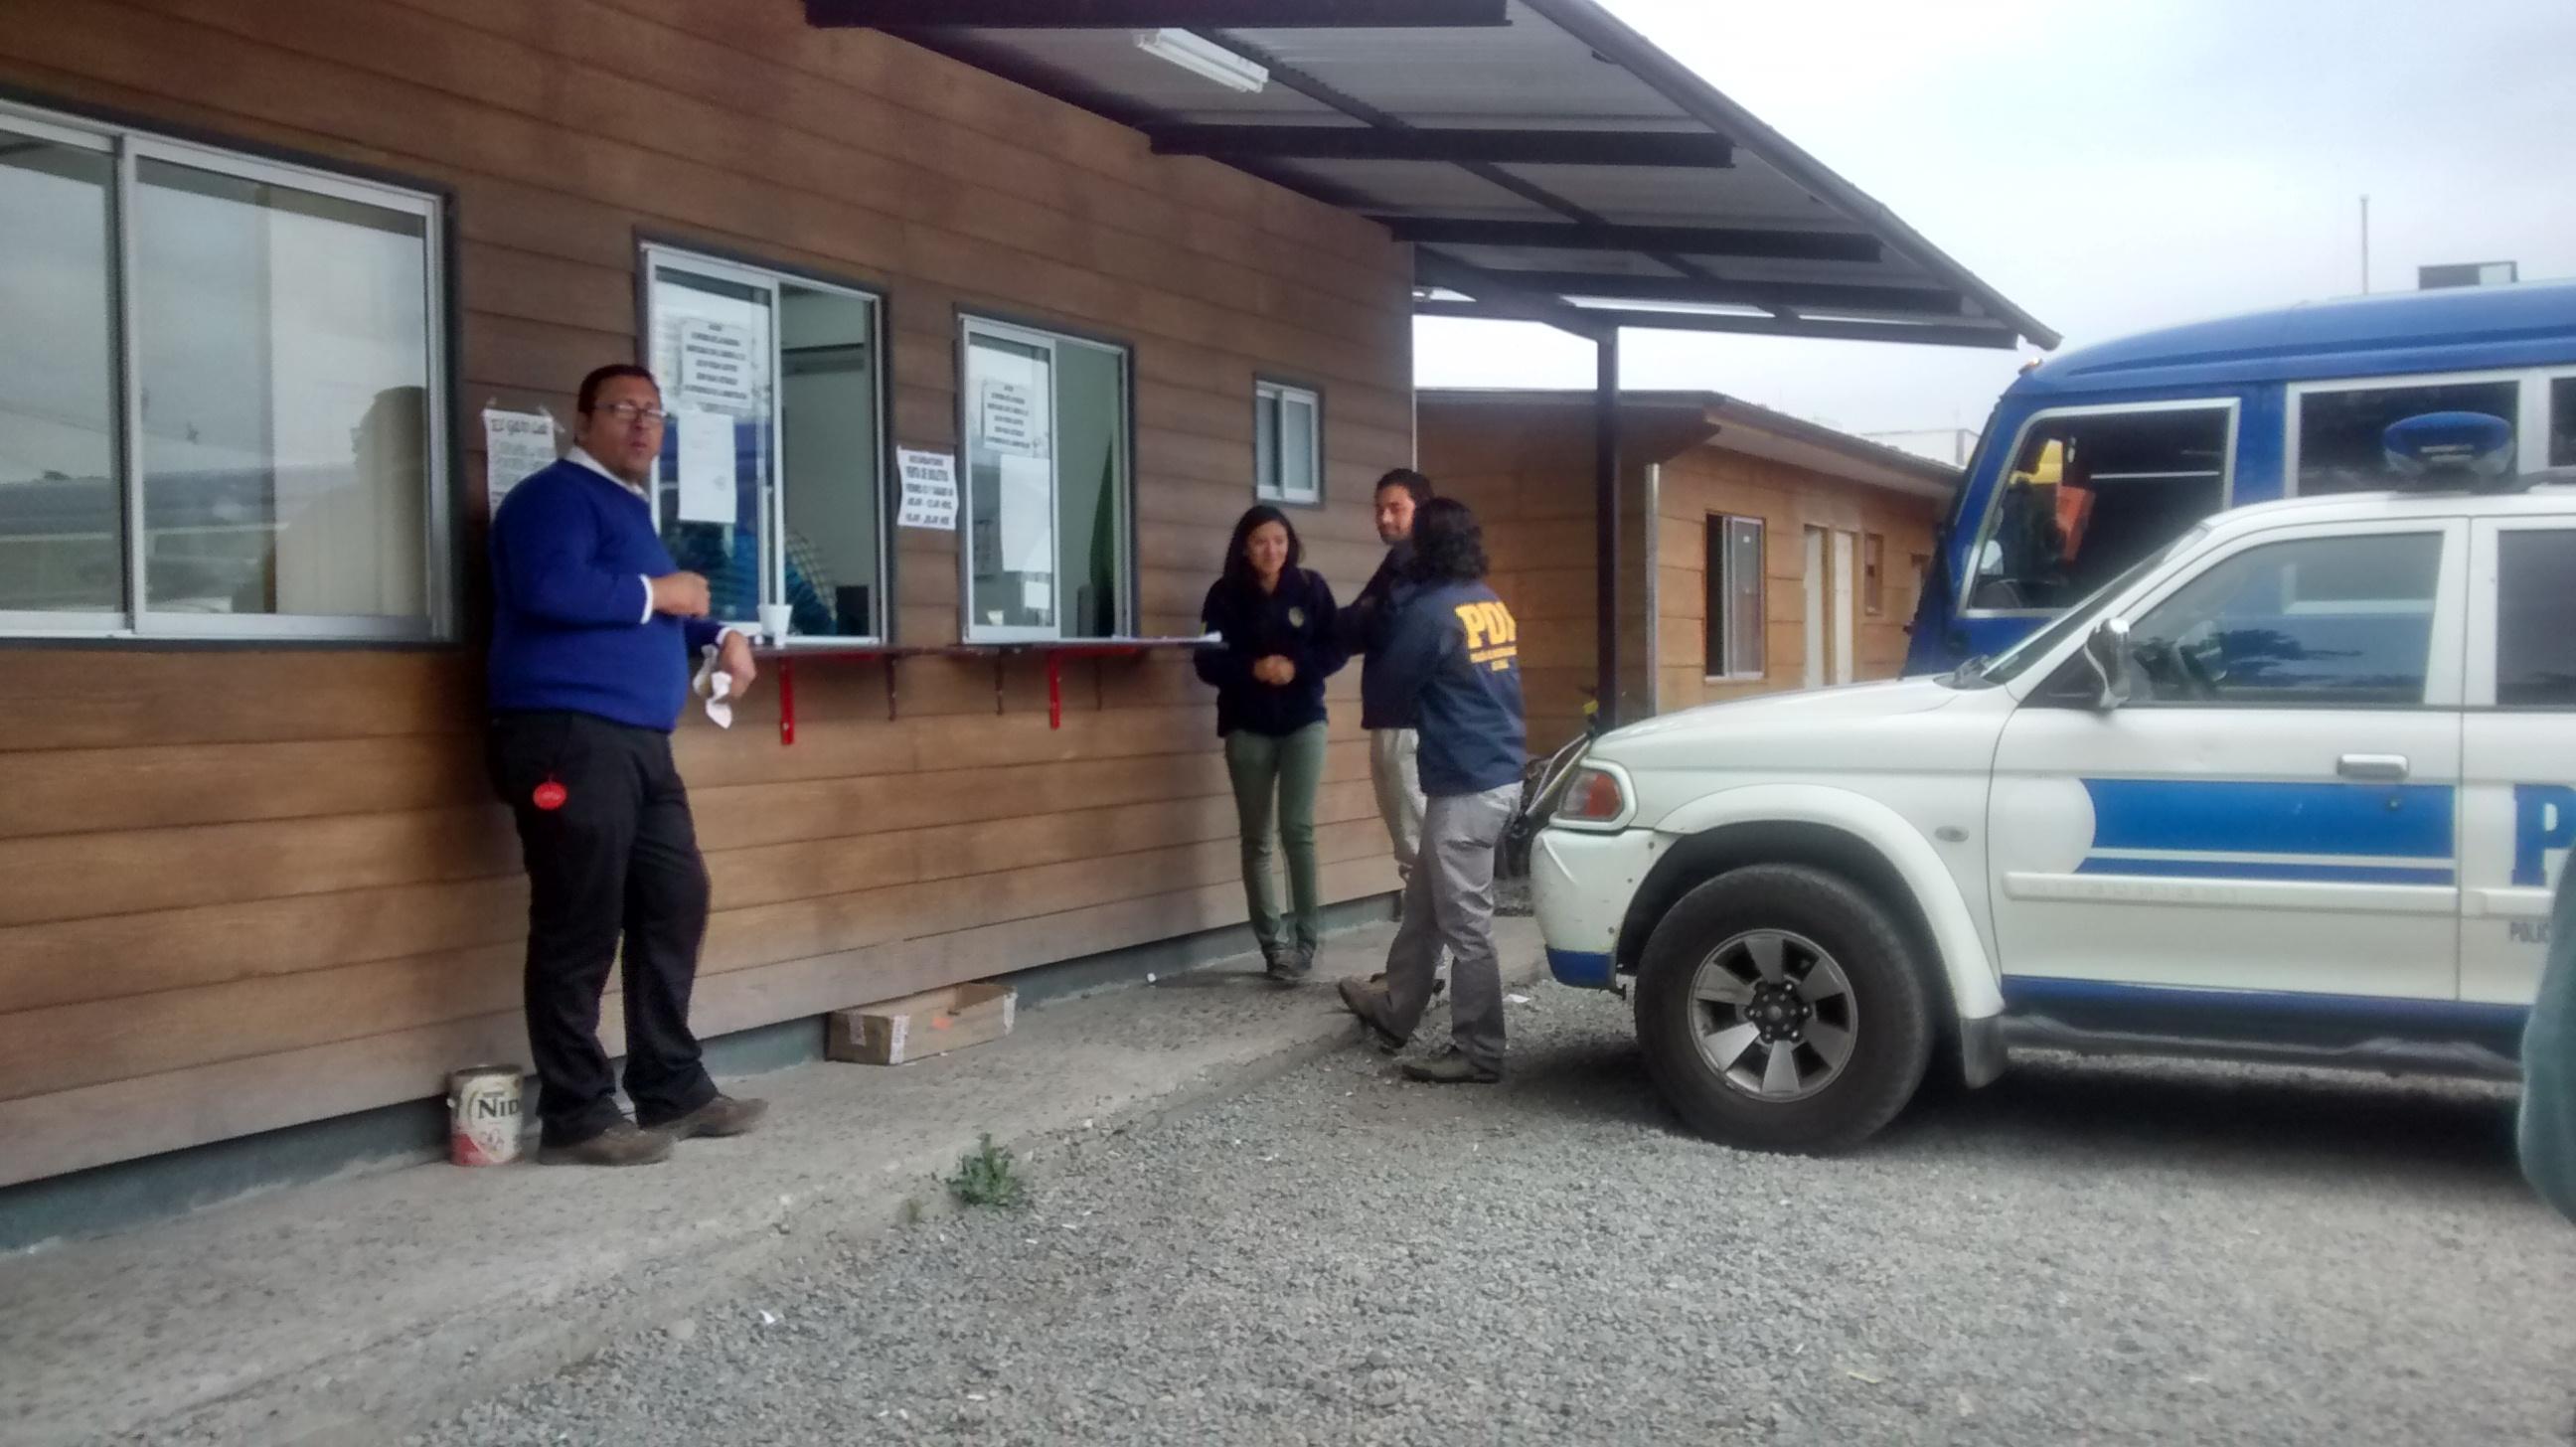 Terror vivió guardia tras violento asalto a oficinas de Interbus en Talca